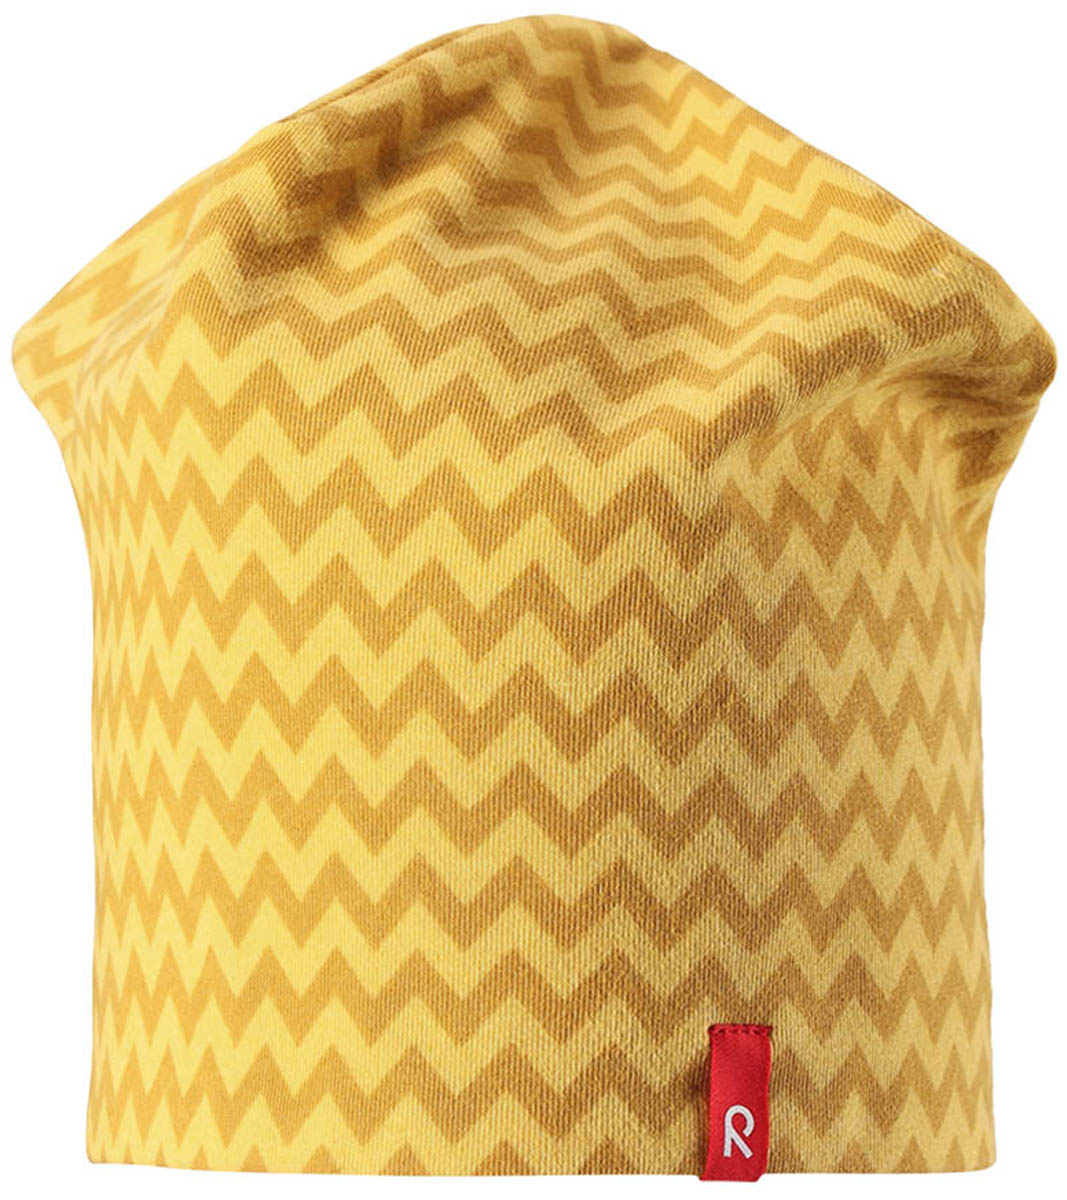 Шапка-бини детская Reima Hirvi, цвет: желтый. 5285392392. Размер 545285392392